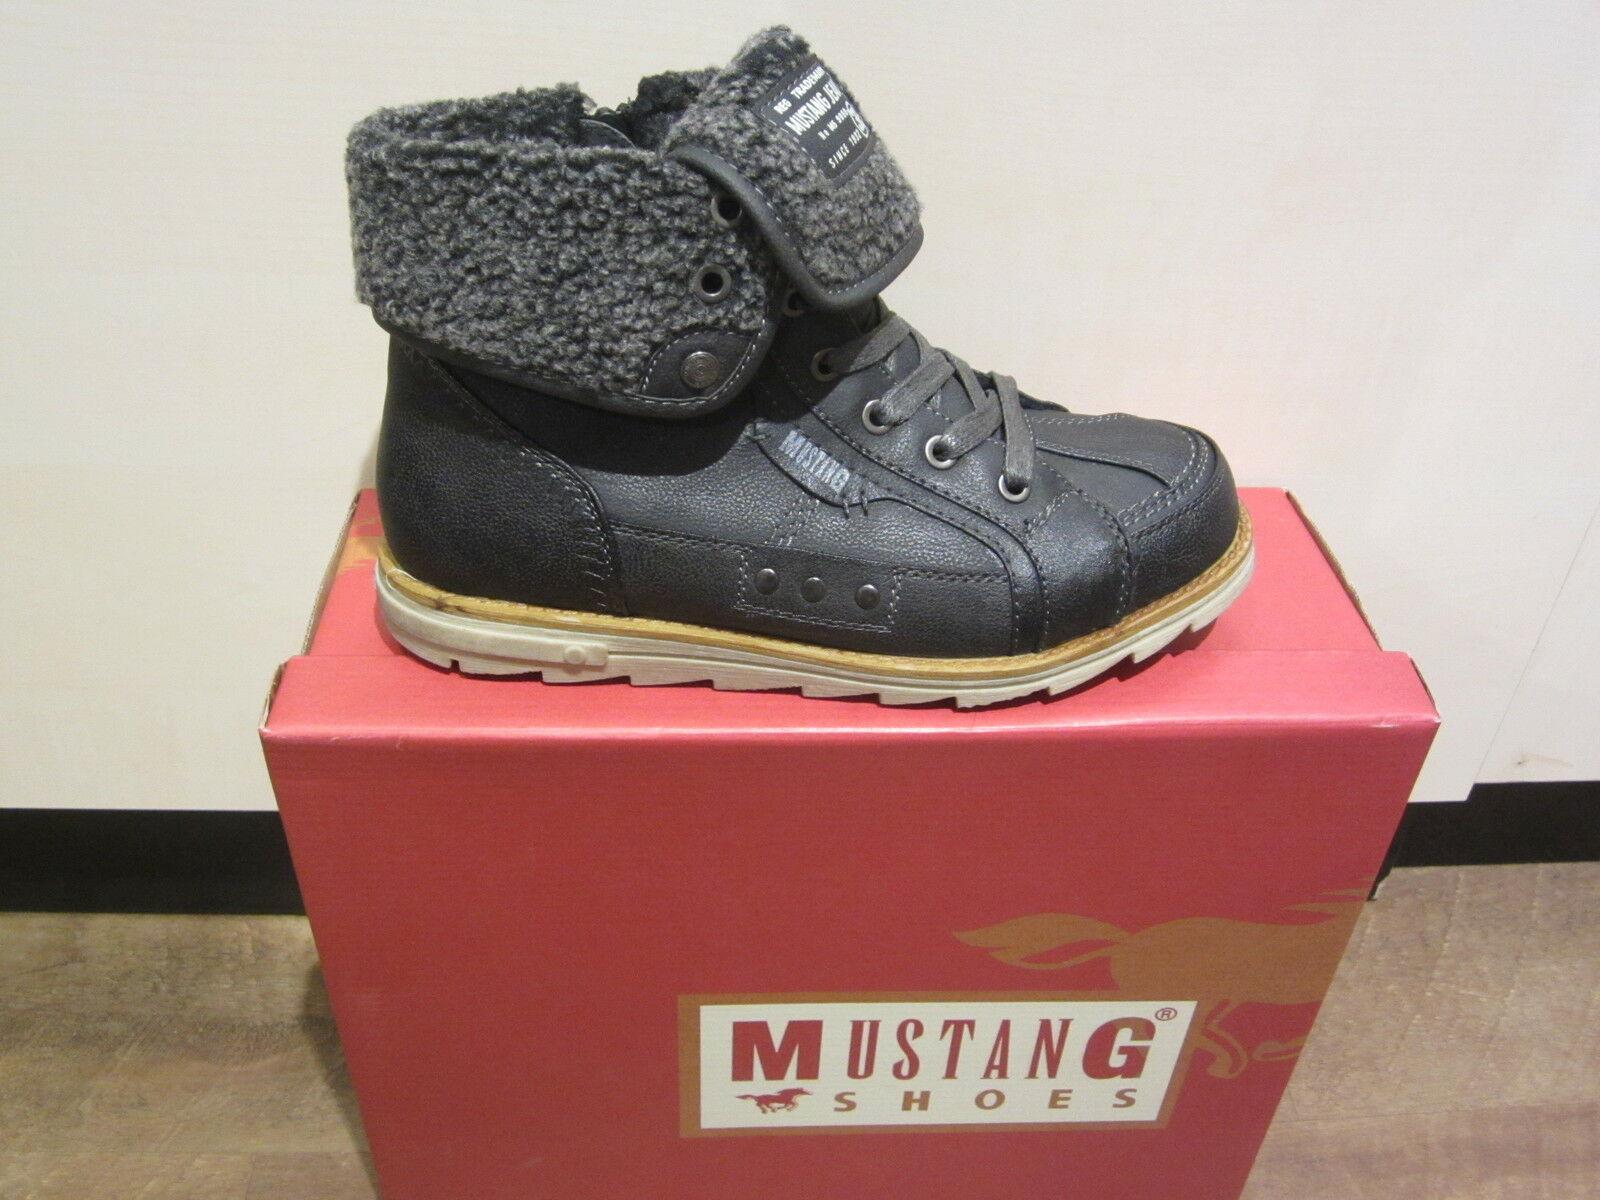 Mustang Stiefel, Stiefel, schwarz, mit Reißverschluß, warm gefüttert 5017 NEU